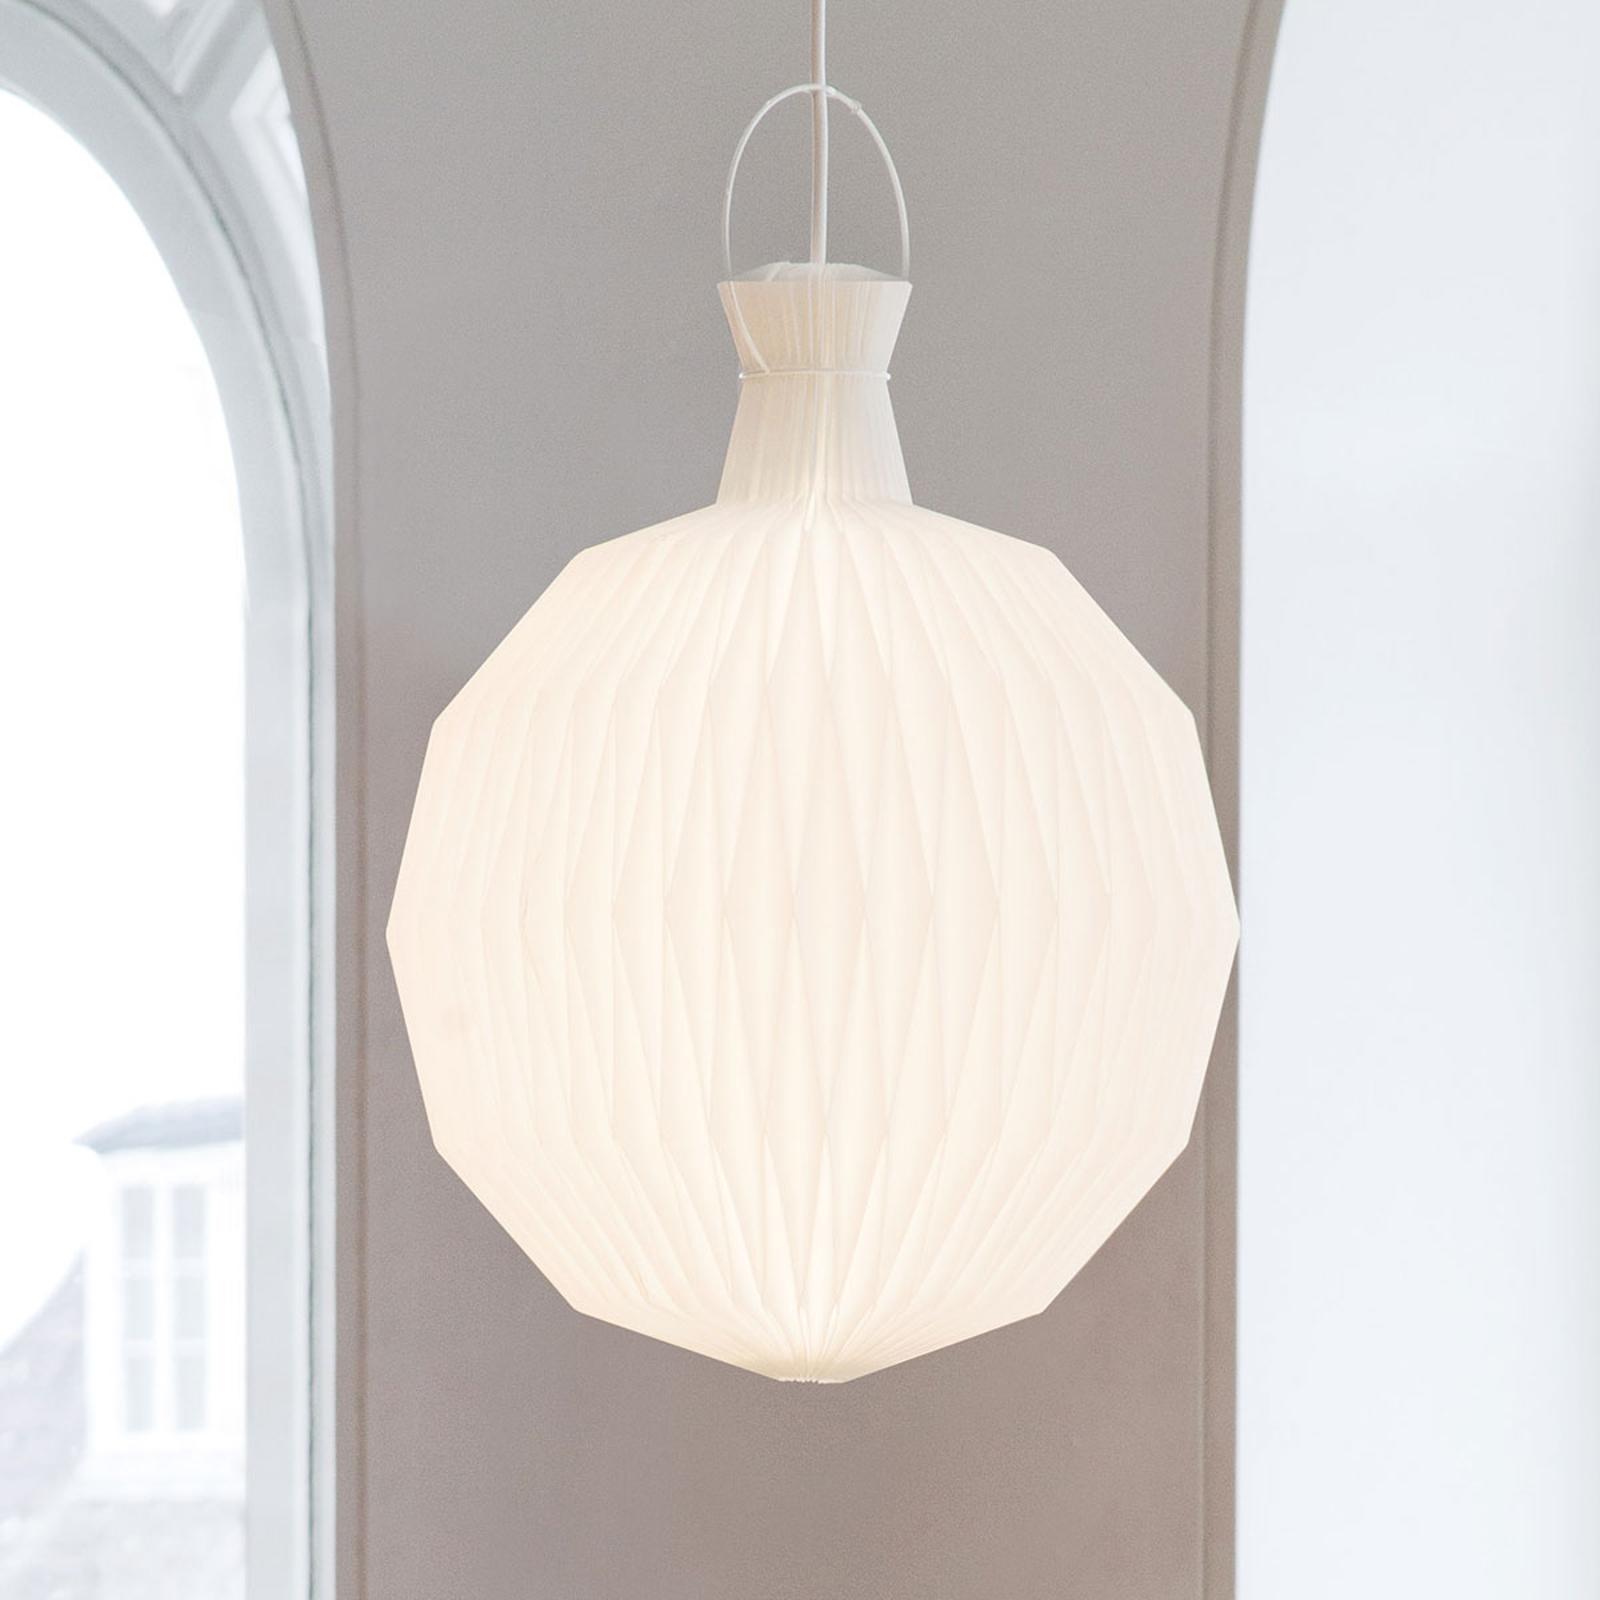 LE KLINT 101 Medium ręcznie składana lampa wisząca